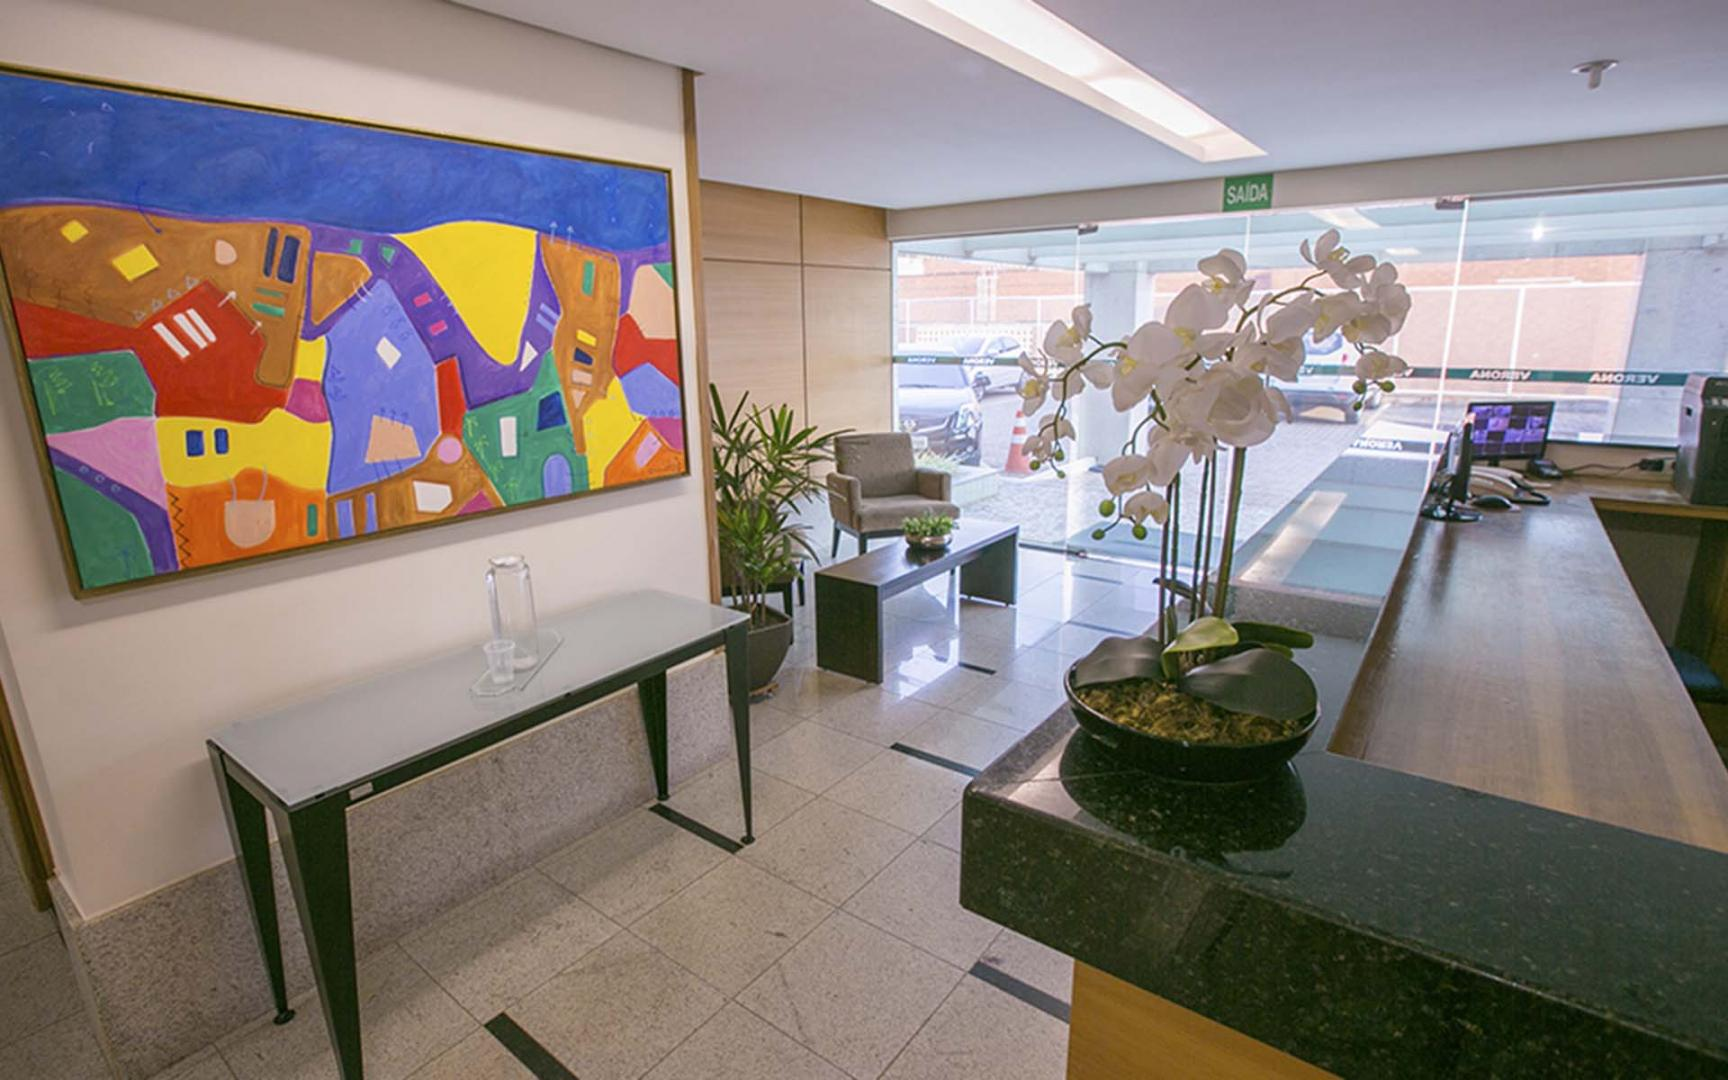 LOCAÇÃO TRIMESTRAL (03 MESES), NO HOTEL VERONA, DE 30m², Á R$ 1.300,00!